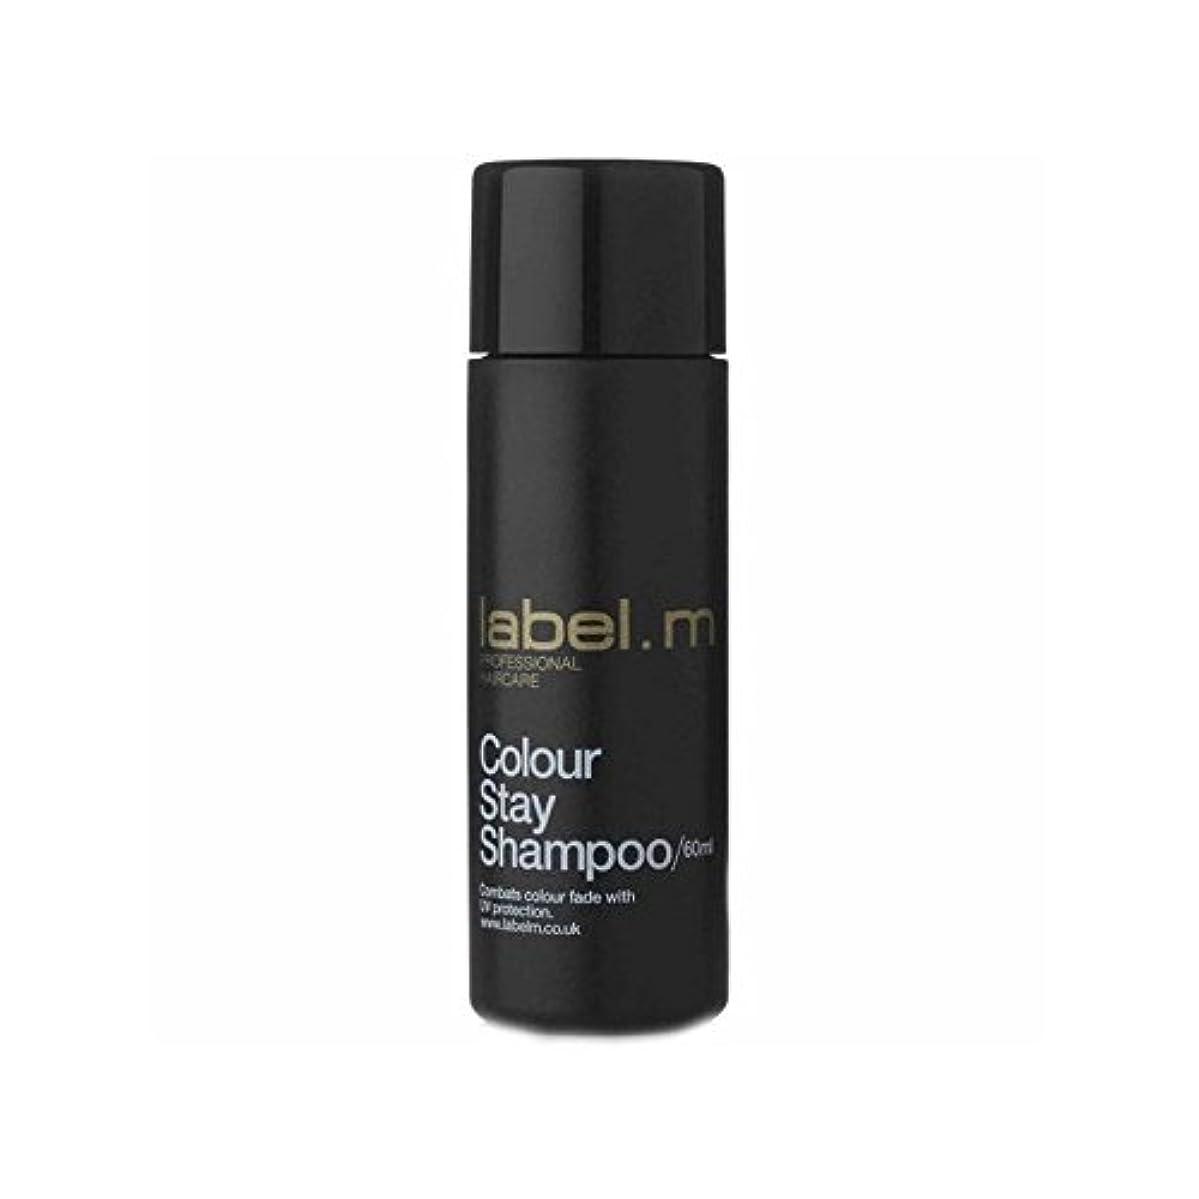 励起仮説鉄道駅Label.M Colour Stay Shampoo Travel Size (60ml) - .カラーステイシャンプーの旅行サイズ(60ミリリットル) [並行輸入品]